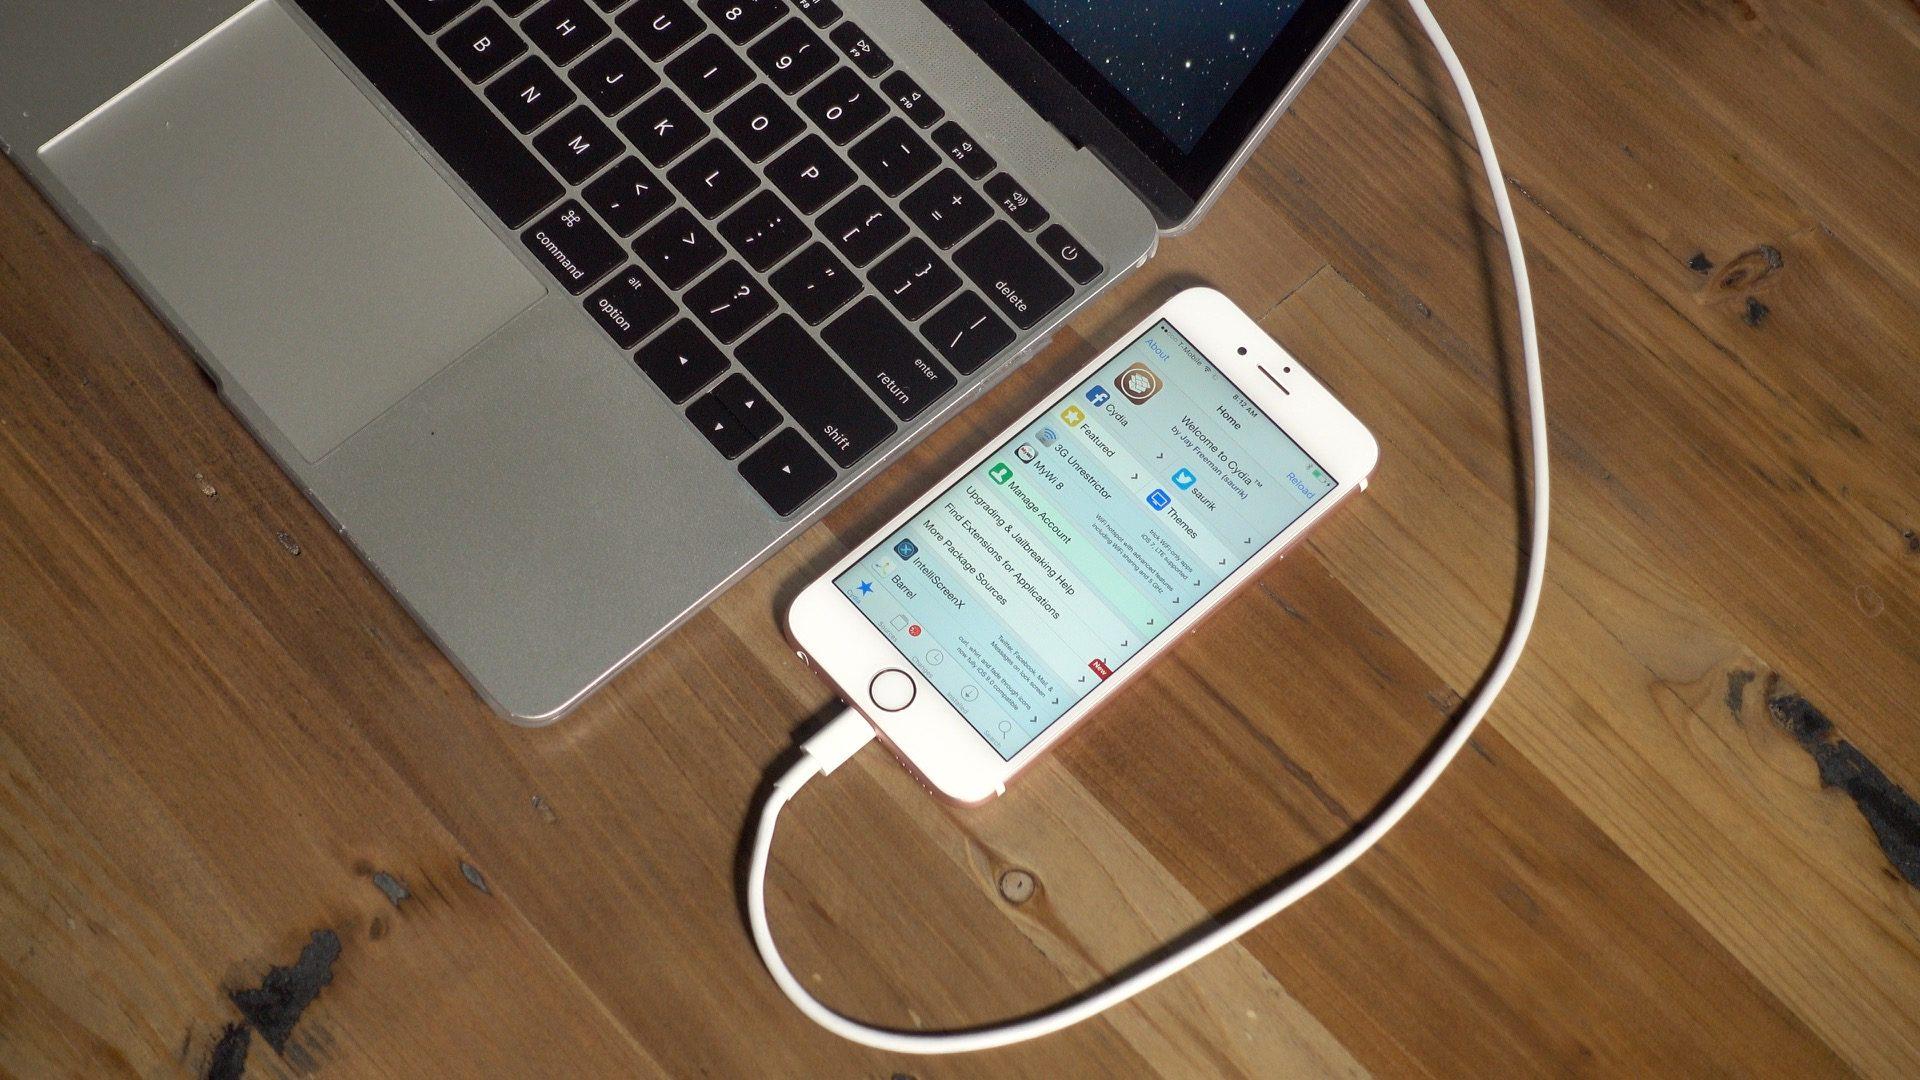 Hiện tại đã có hơn 34.000 người dùng jailbreak iPhone với Electra1131 và không...